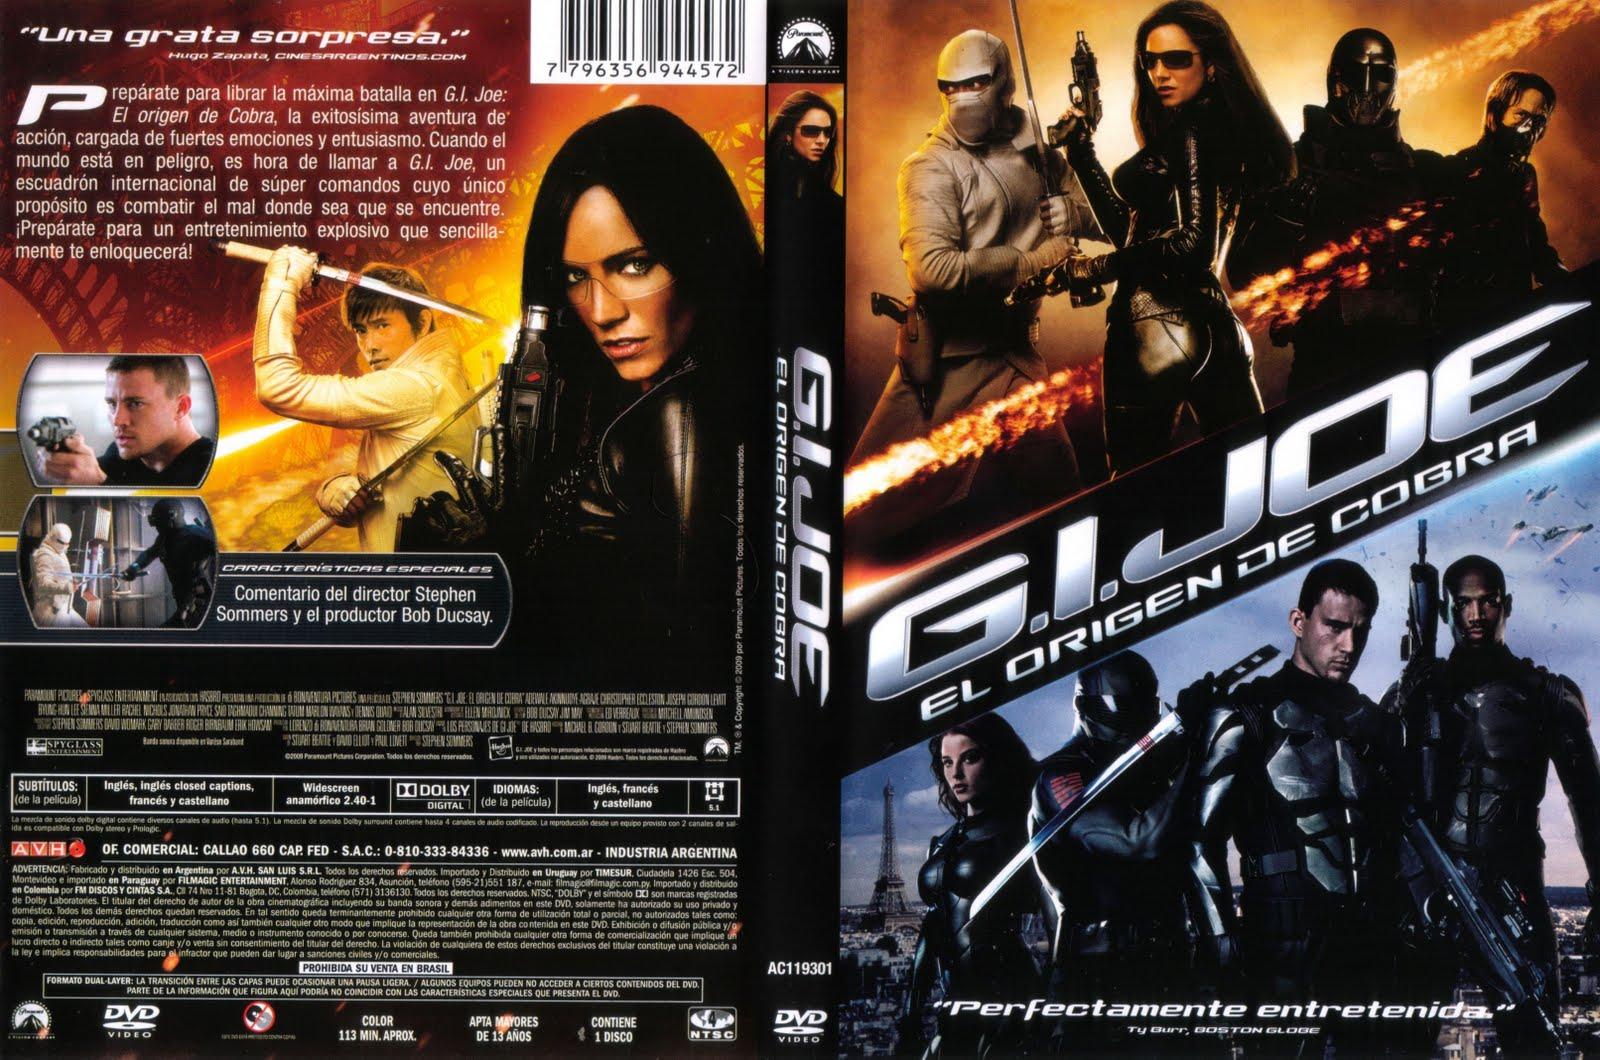 http://2.bp.blogspot.com/_FN7dlH54yBQ/TKV-p_HfX-I/AAAAAAAAEJA/_UmkTYtvnpw/s1600/G.i.+Joe,El+Origen+De+Cobra.jpg